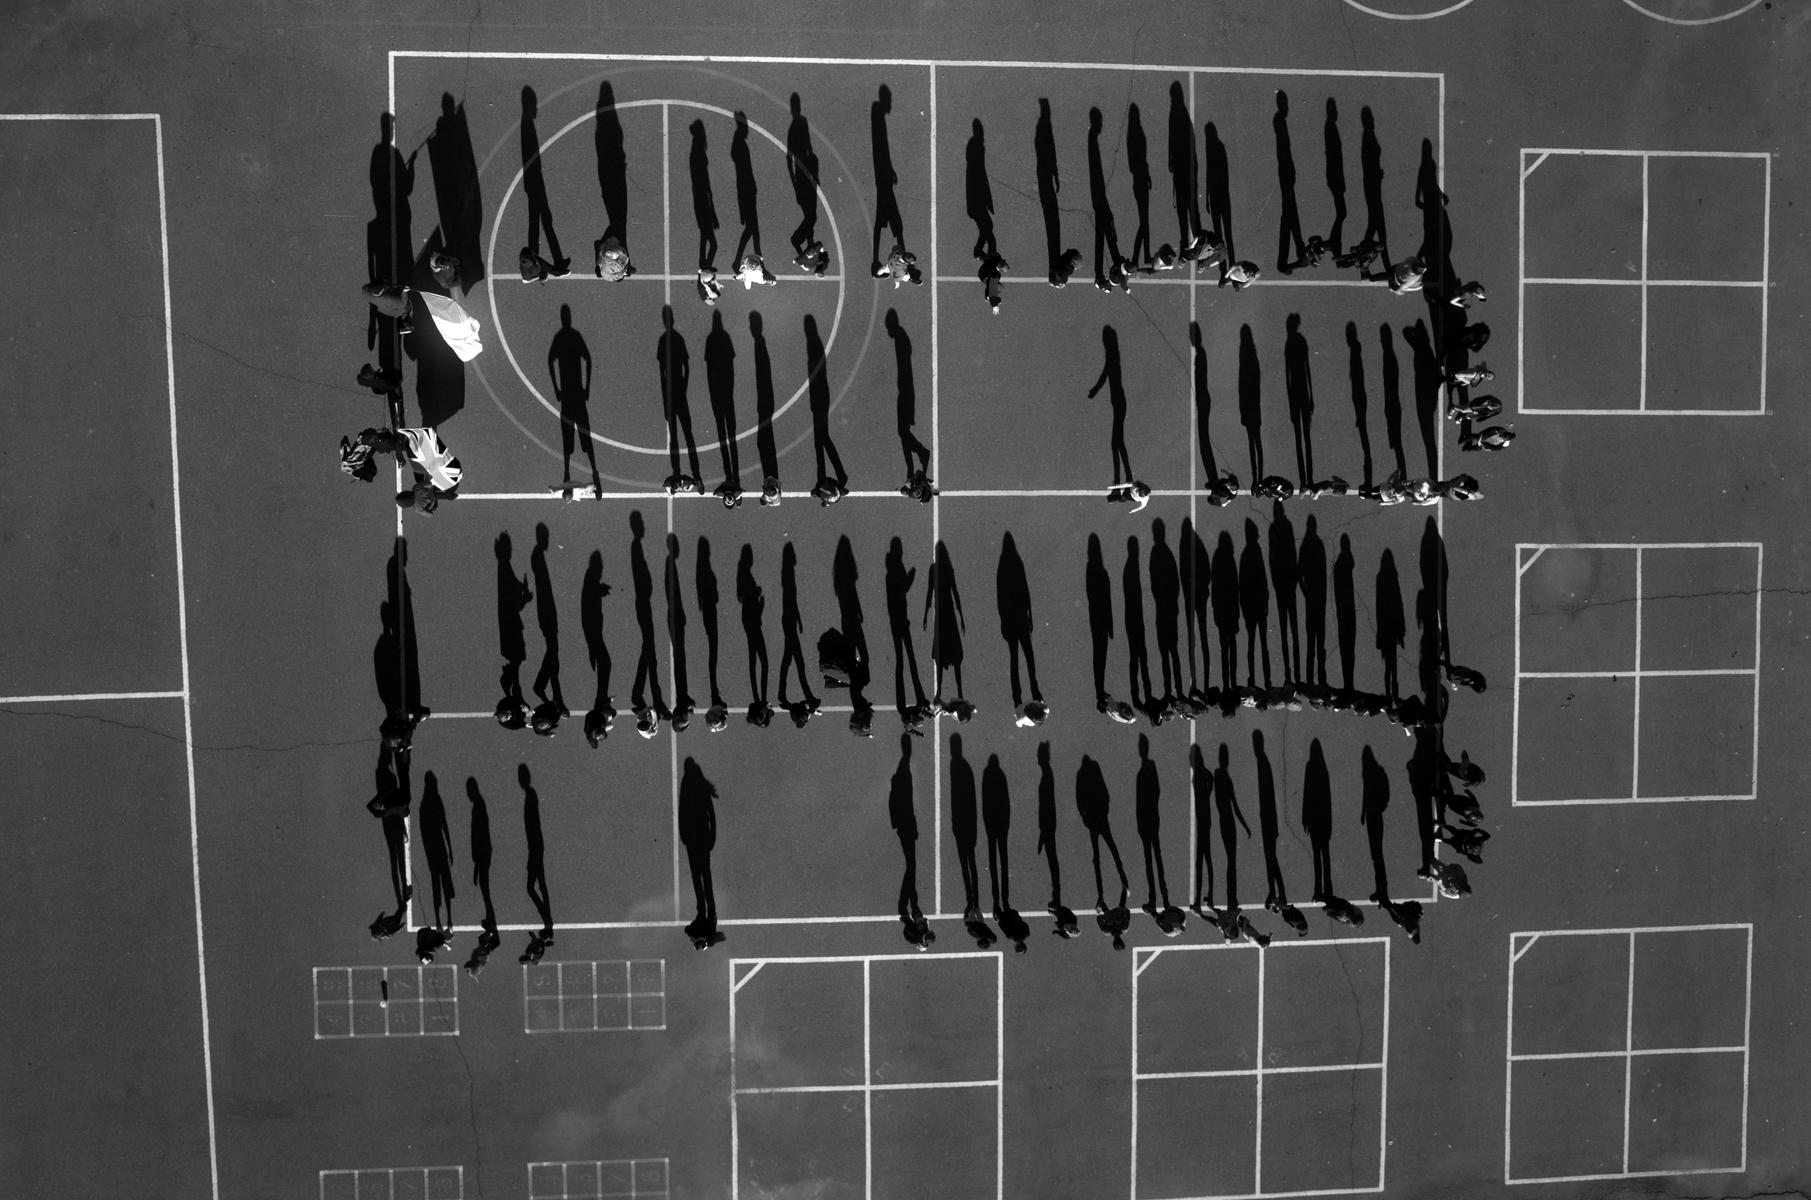 """Tomas van Houtryve, School Yard, 2013 - 2014. Archival pigment print, 40 x 40""""."""